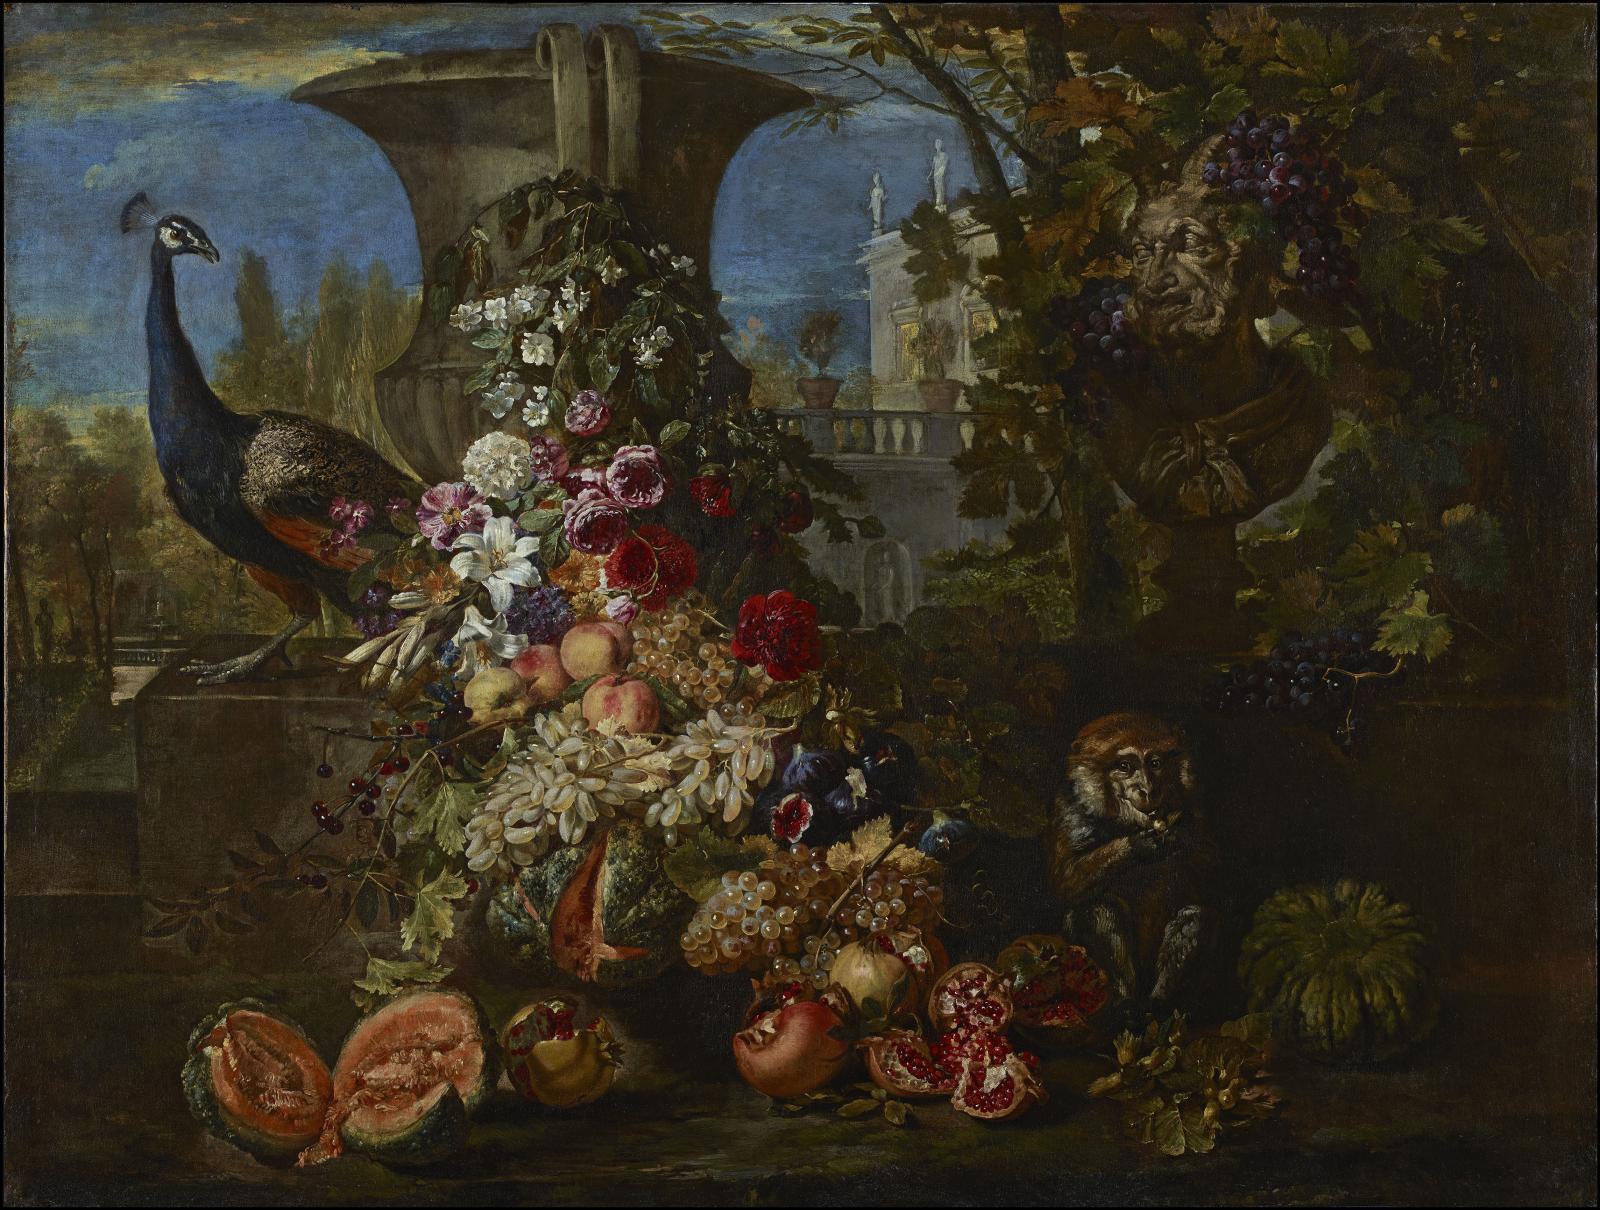 David de Coninck (vers 1644-1701?), Nature morte de fruits et de fleurs dans le jardin d'une villa, avec un paon et un singe, huile sur toile, 143x